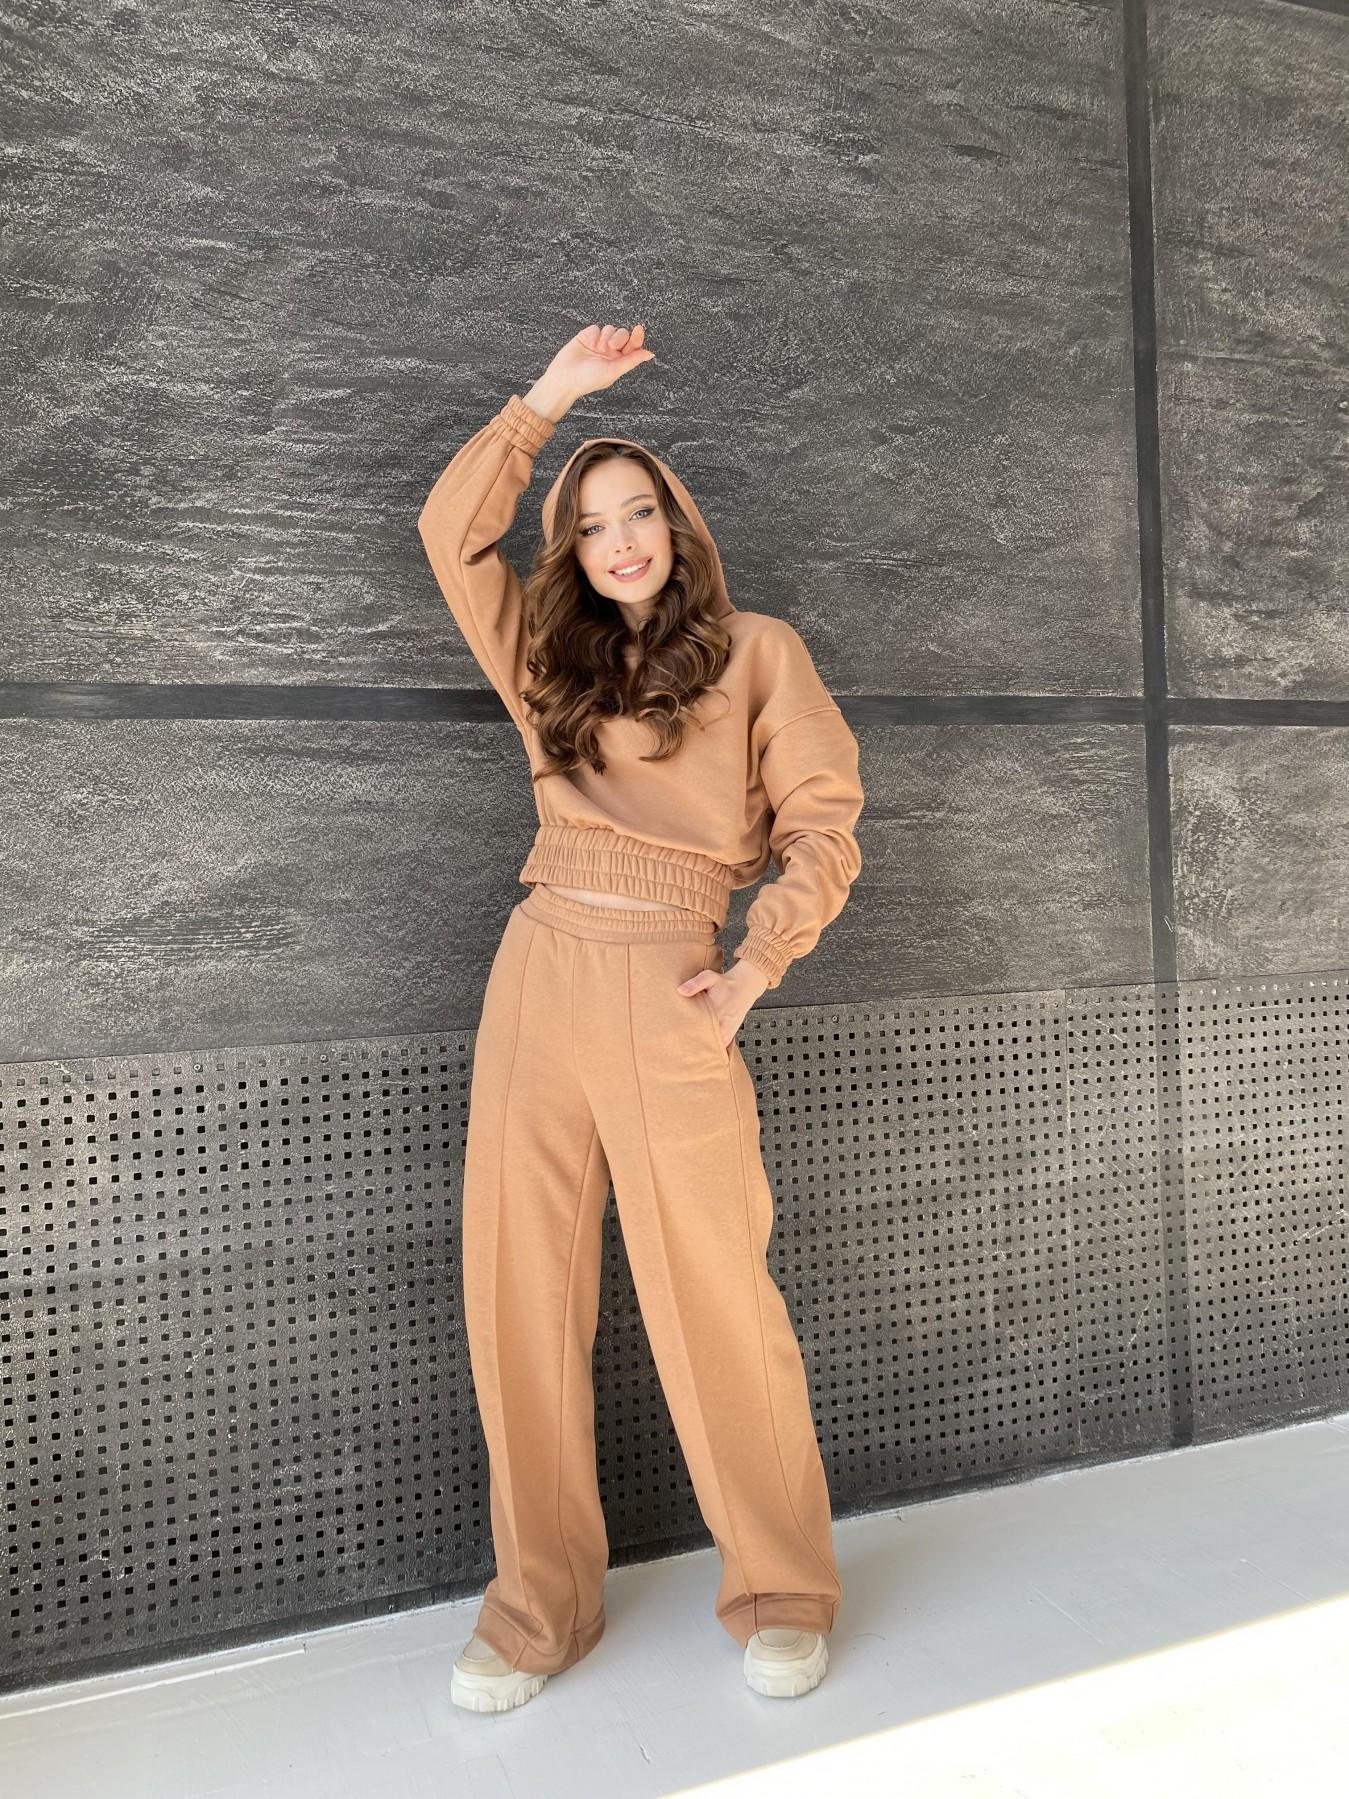 Бейби  прогулочный костюм из 3х нитки 10812 АРТ. 47284 Цвет: Кемел - фото 7, интернет магазин tm-modus.ru